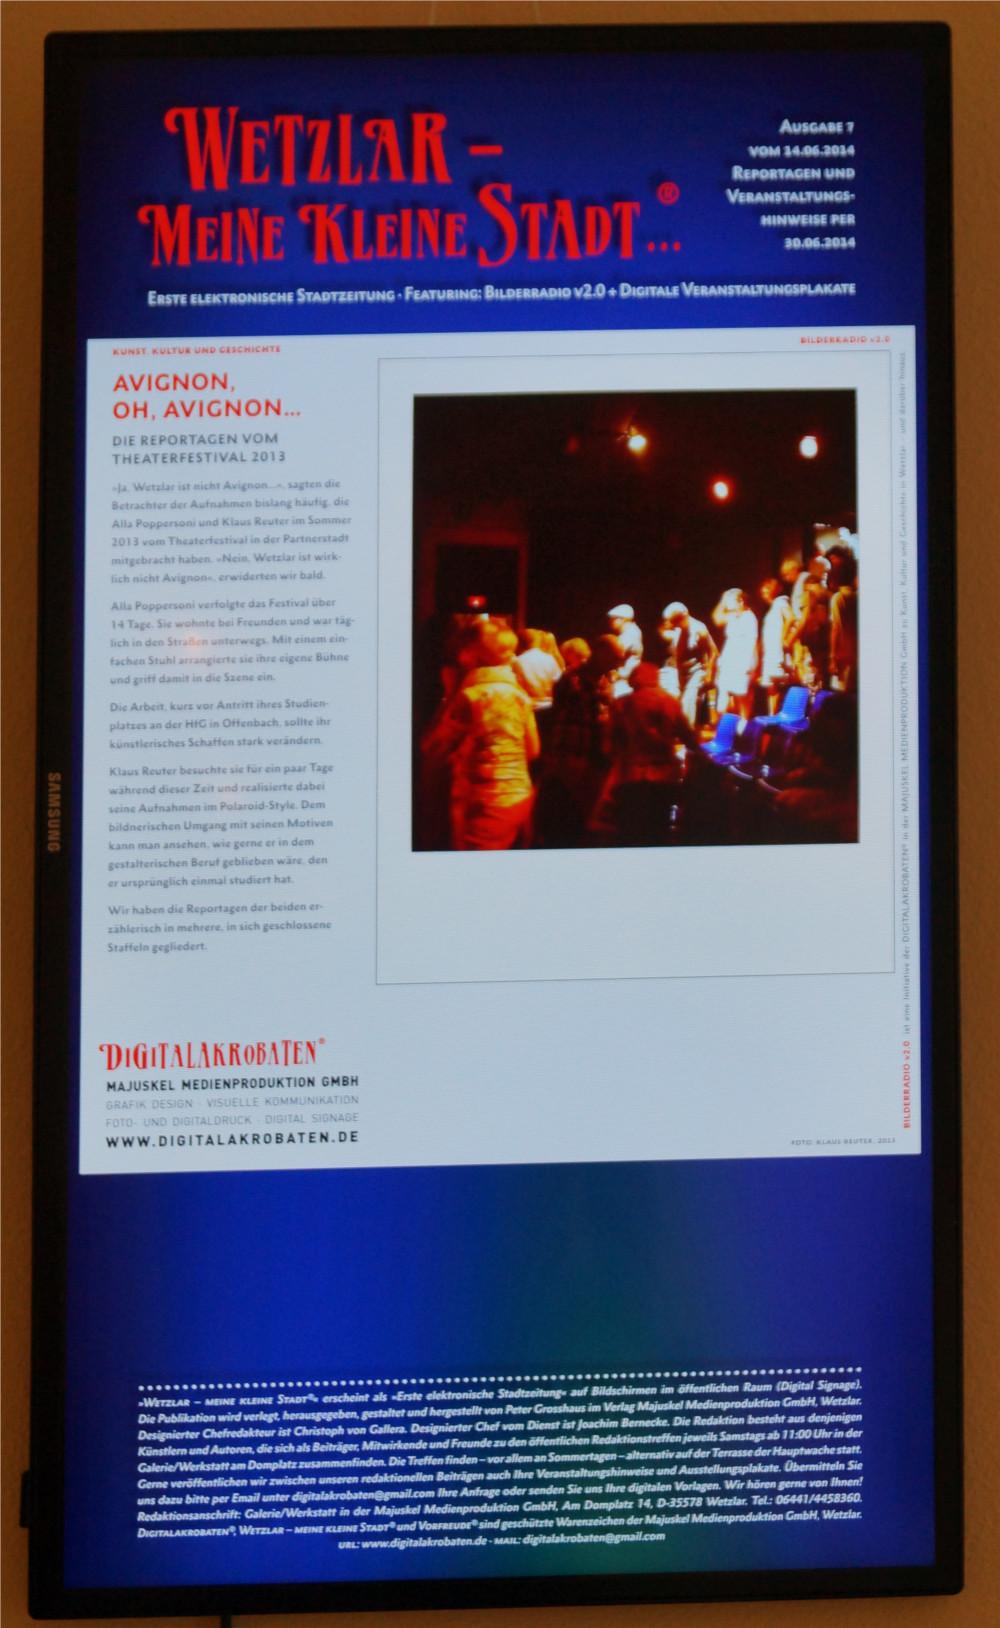 Bilder erzählen Geschichten - über das Theaterfestival in der Wetzlarer Partnerstadt Avignon. Foto: Mittelhessenblog.de